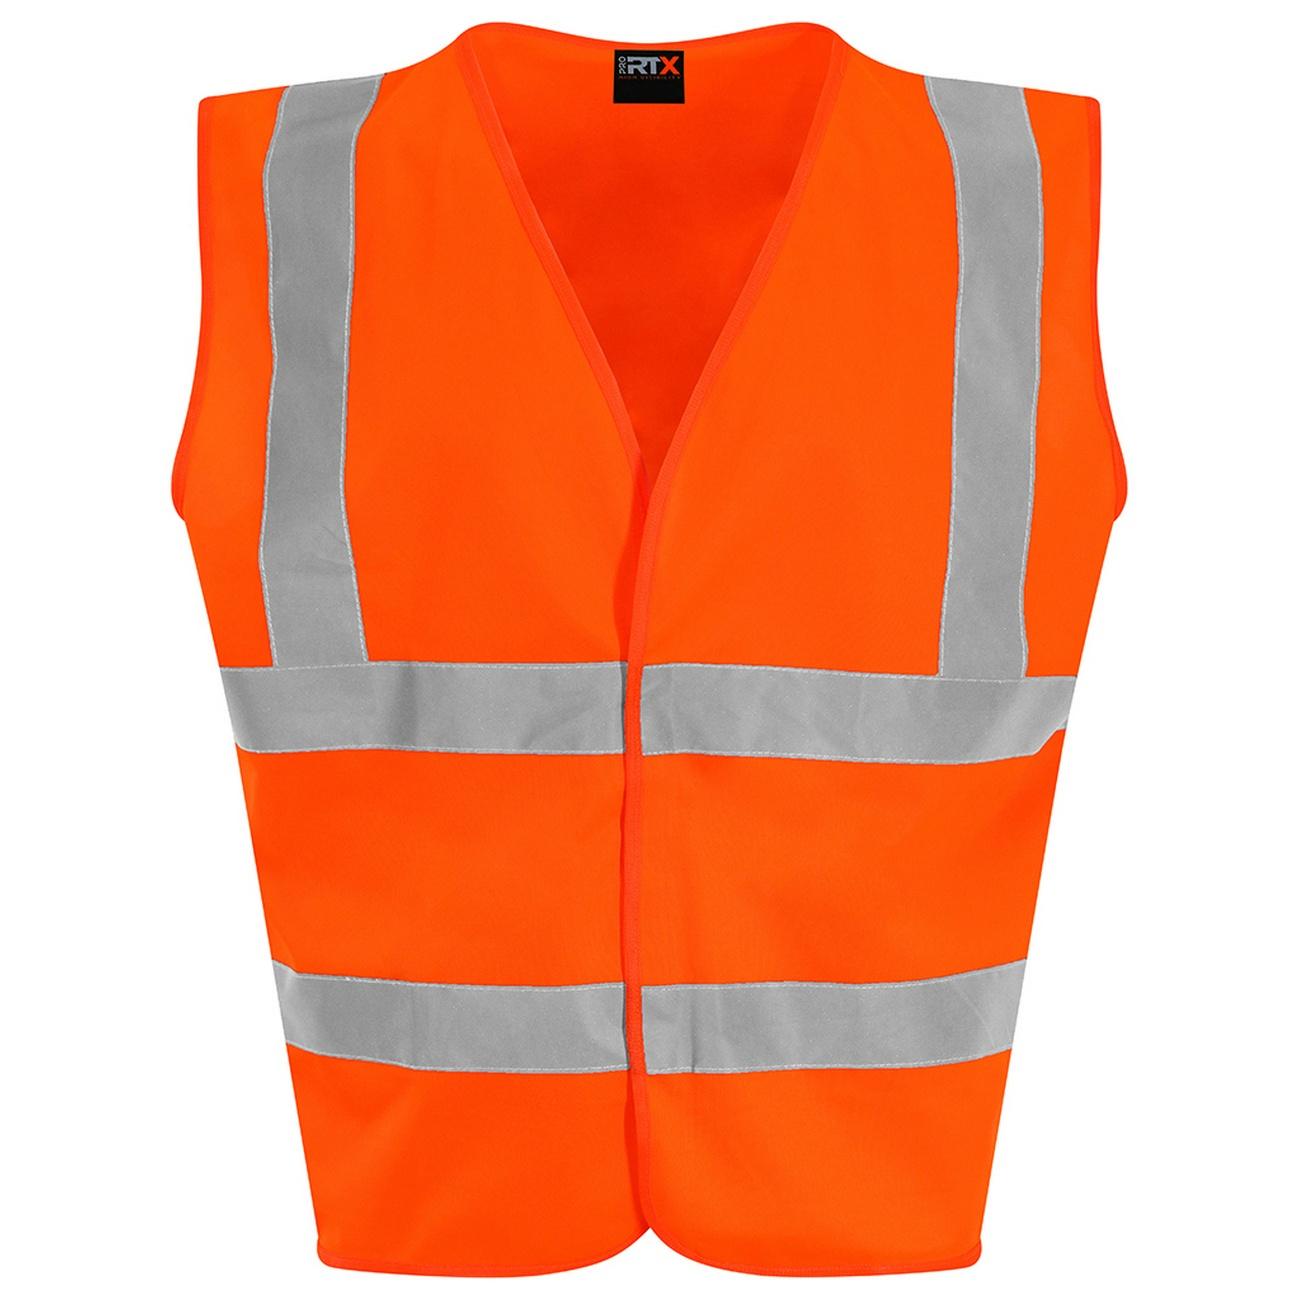 PRO RTX High Visibility Childrens/Kids Waistcoat (S) (Orange)